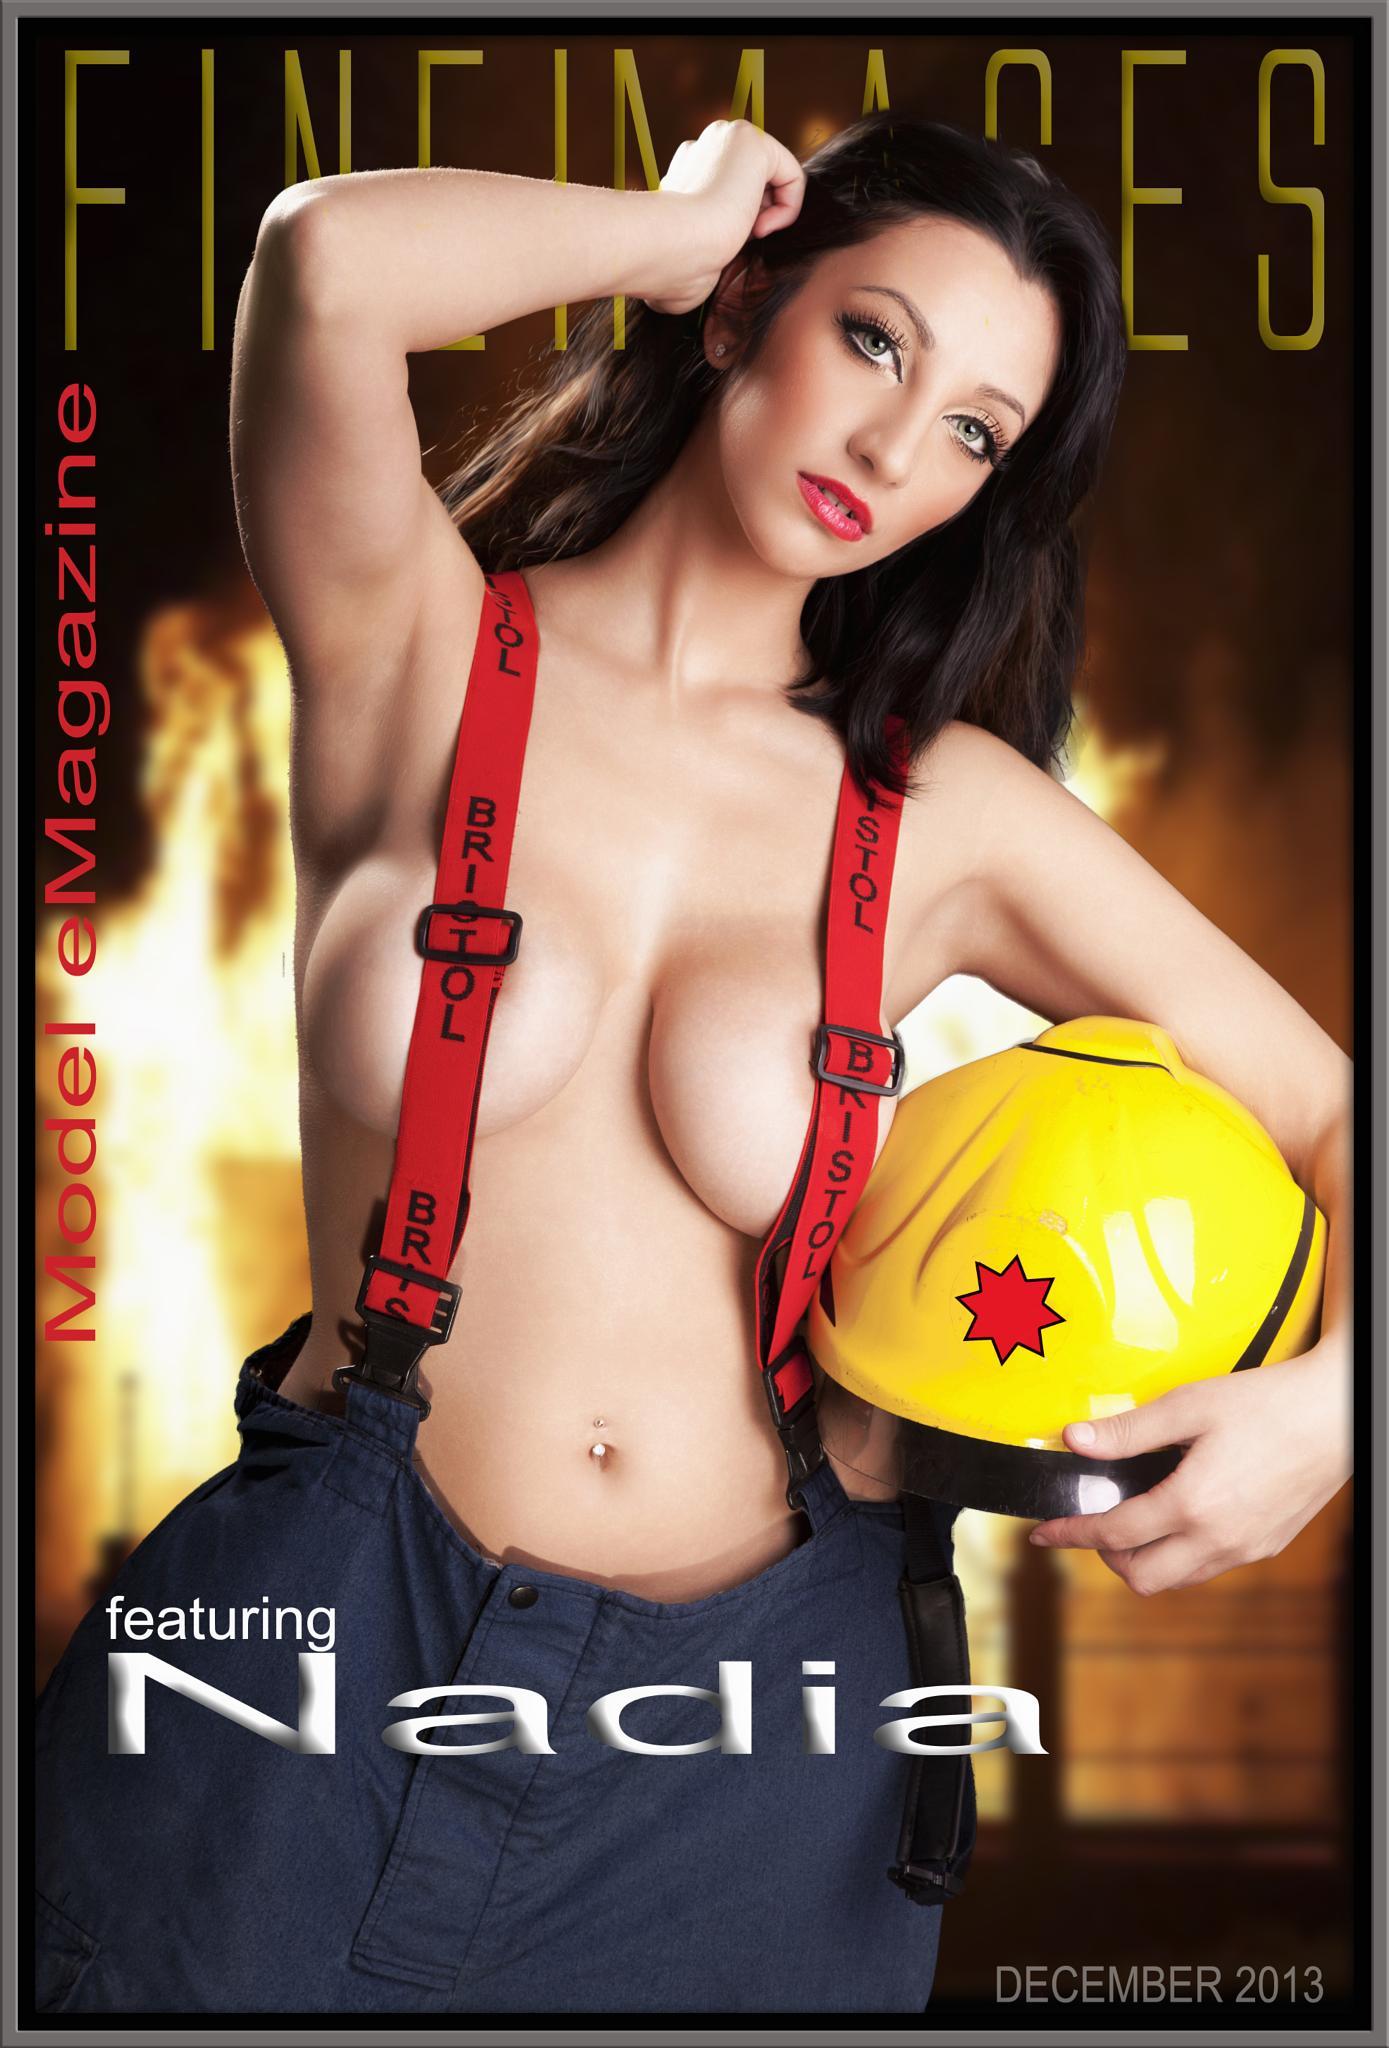 Fire girl by Glenn Balsam